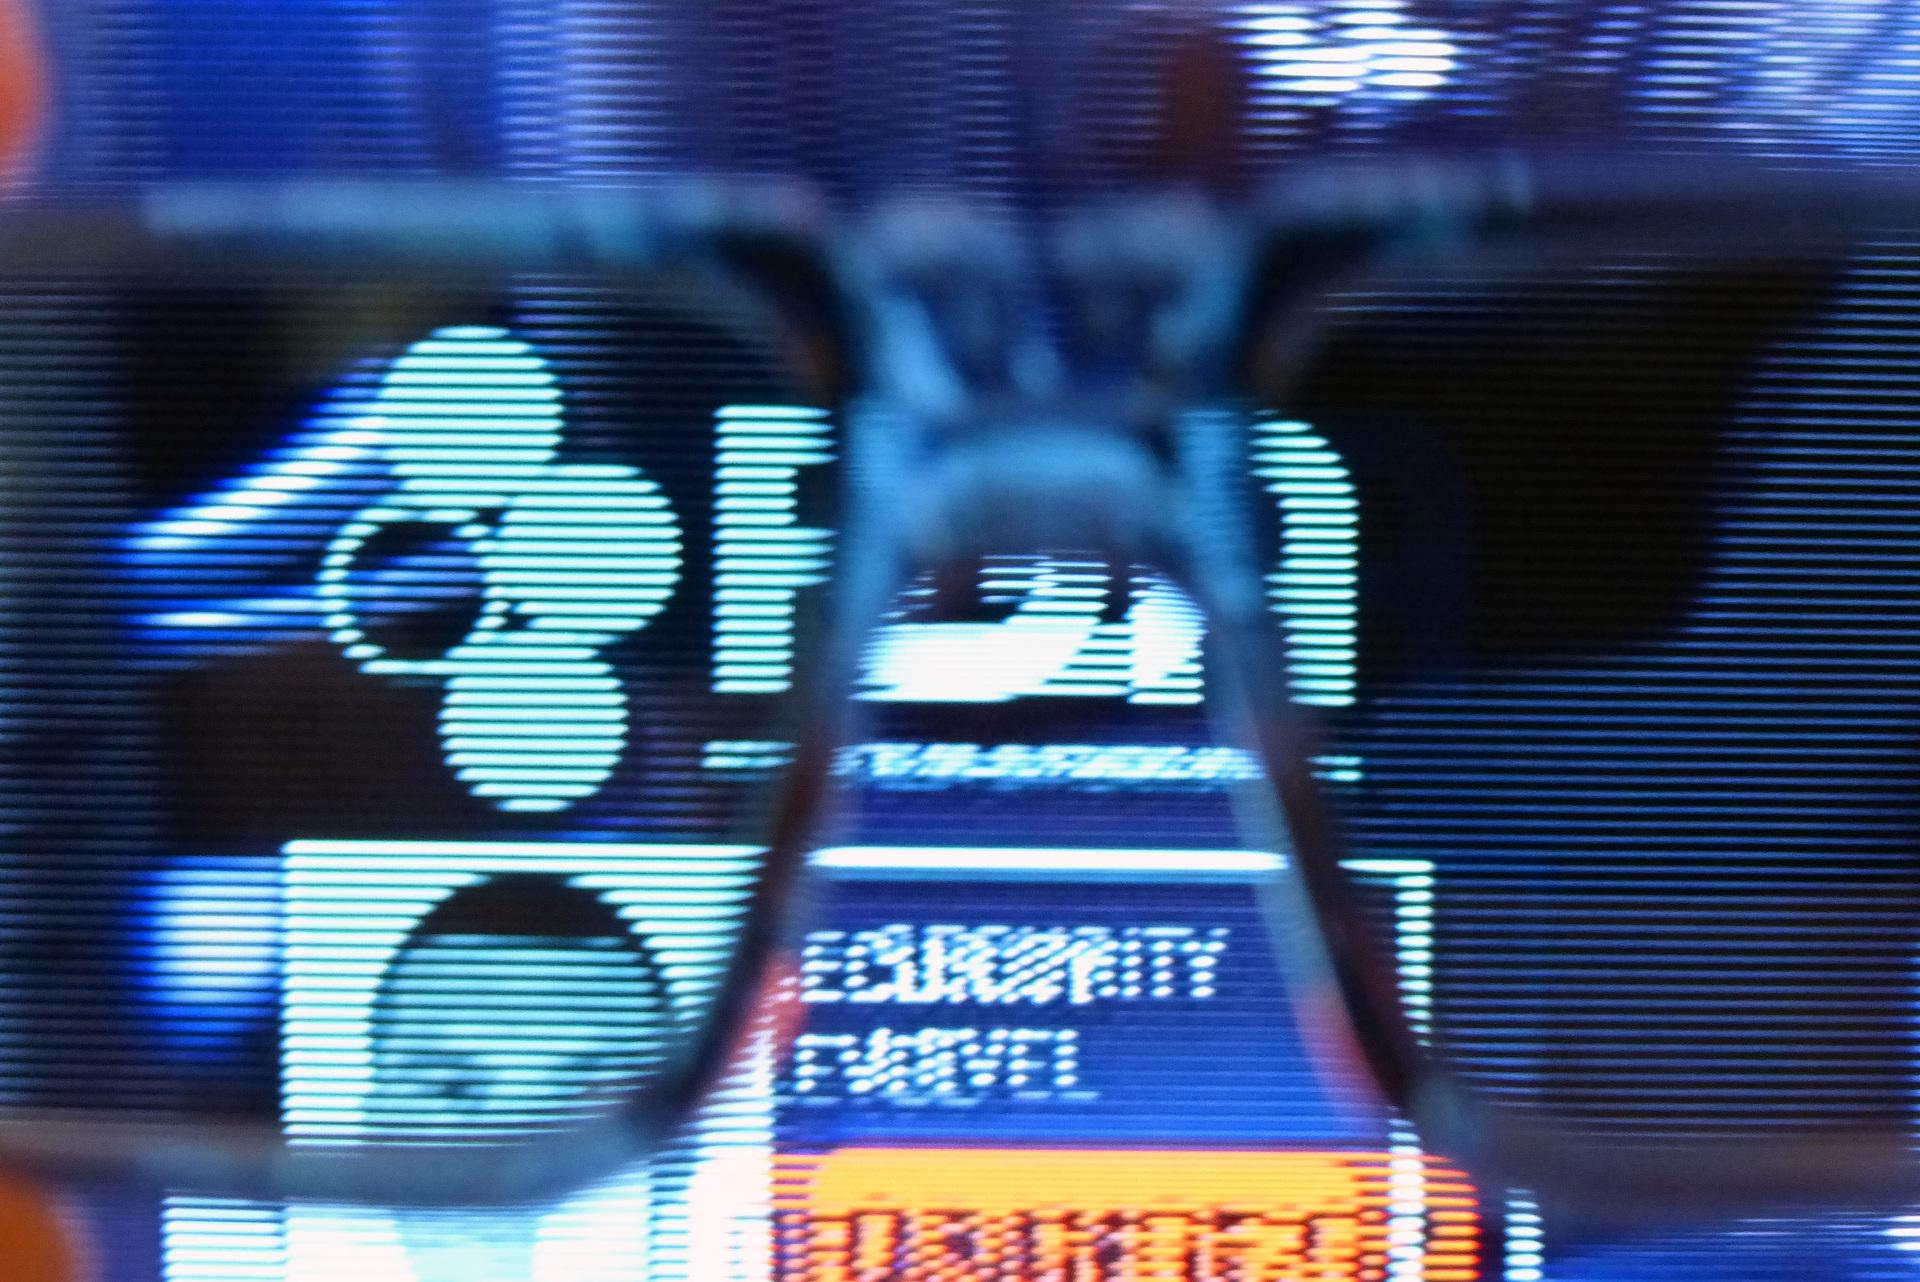 Sony kd 55x9005 testbild avatar 3d direkt durch die 3d brille